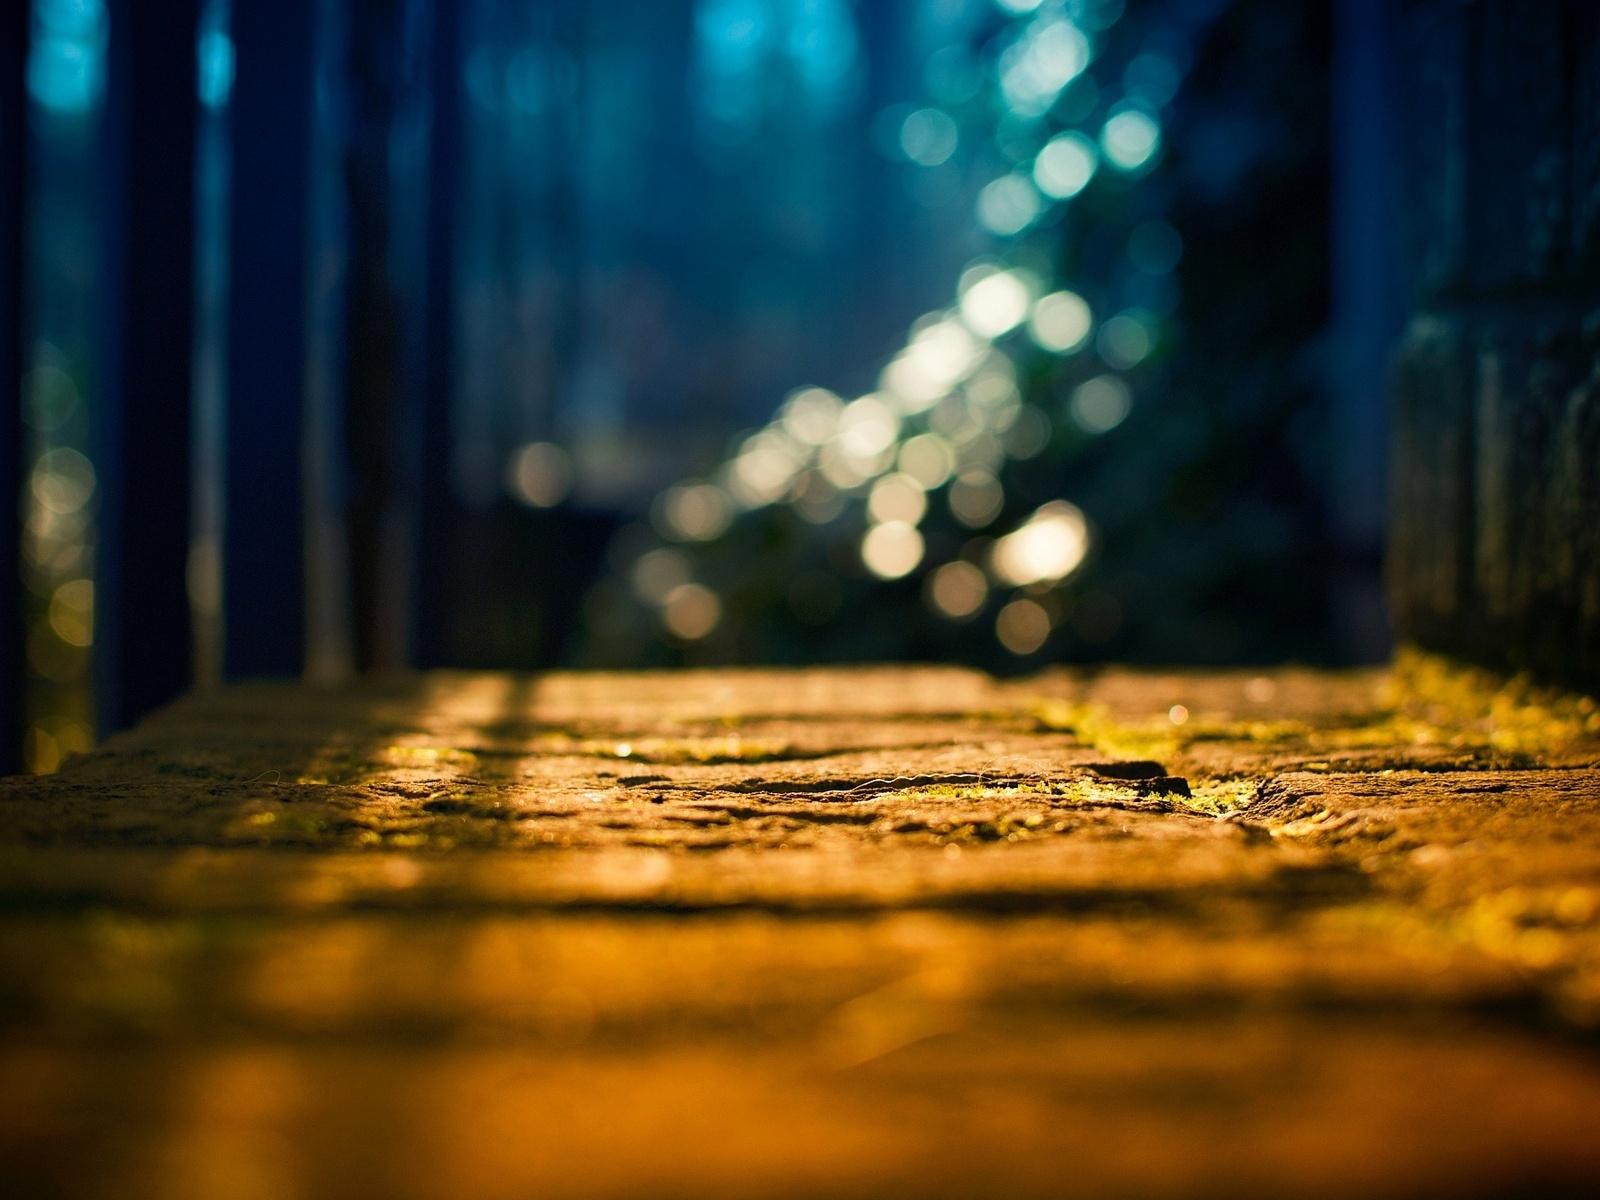 размытие, деревья, солнце, фон, земля, боке, Макро, свет